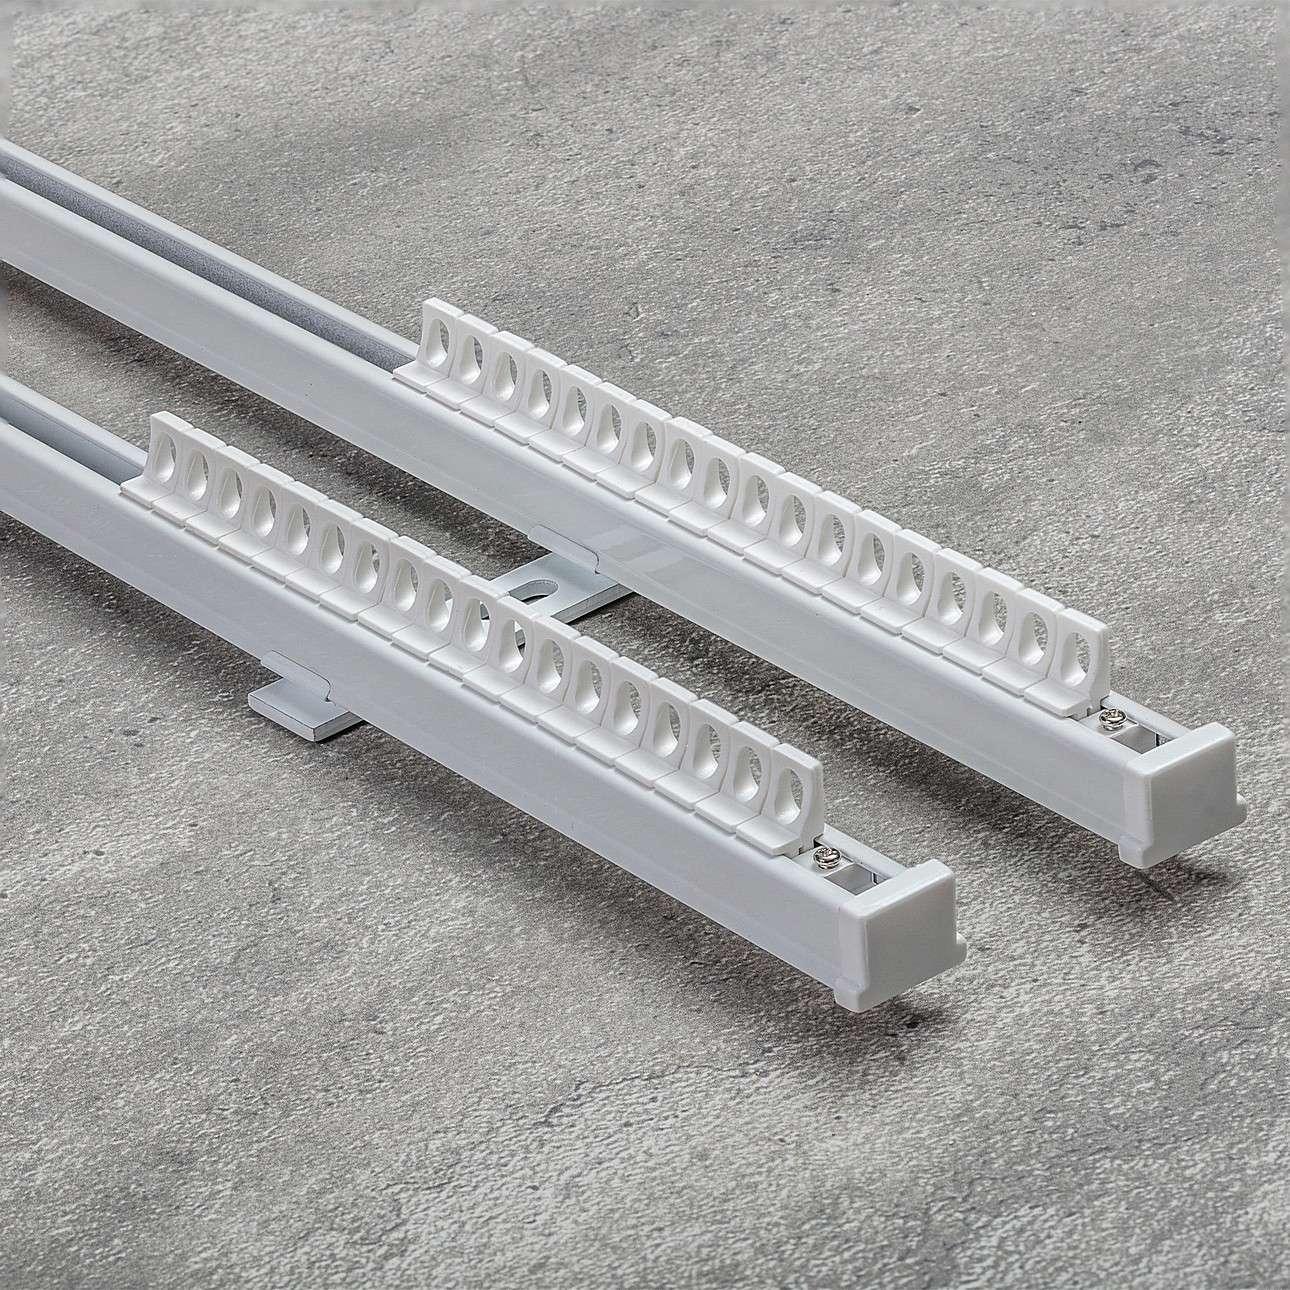 Komplet- szyna przysufitowa aluminiowa TS podwójna 210cm